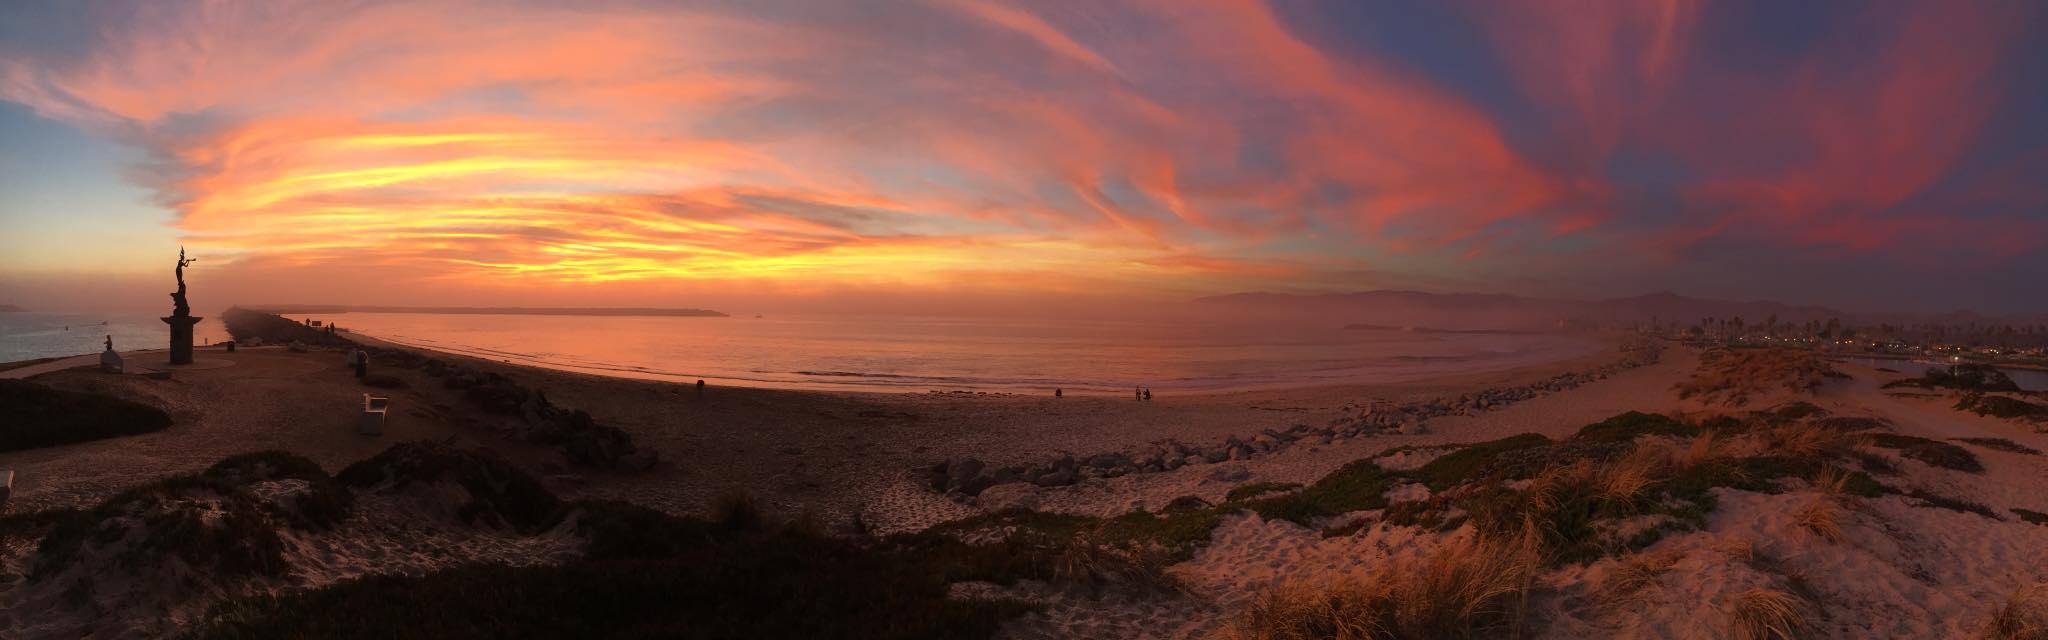 Shot on iPhone | Photo By:  Elizabeth Fedde